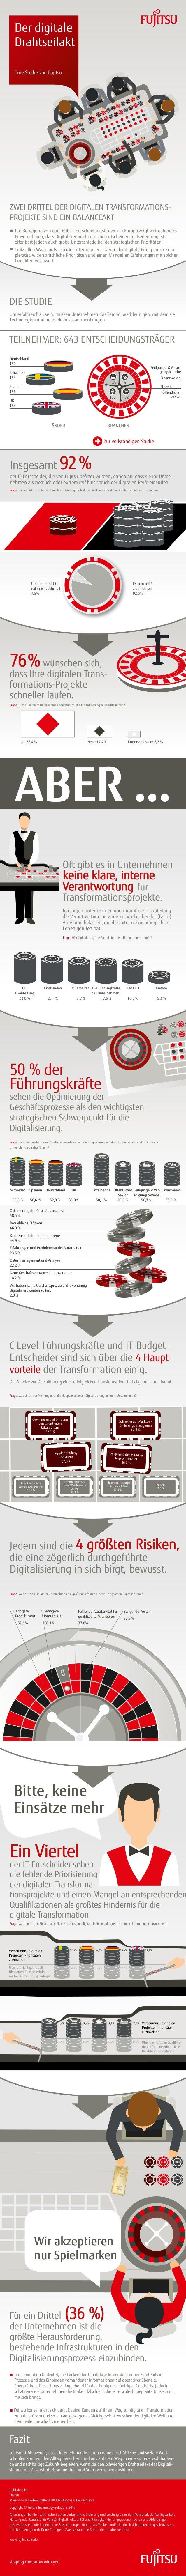 Für ein Drittel (36 %) der Unternehmen ist die größte Herausforderung, bestehende Infrastrukturen in den Digitalisierungsp...